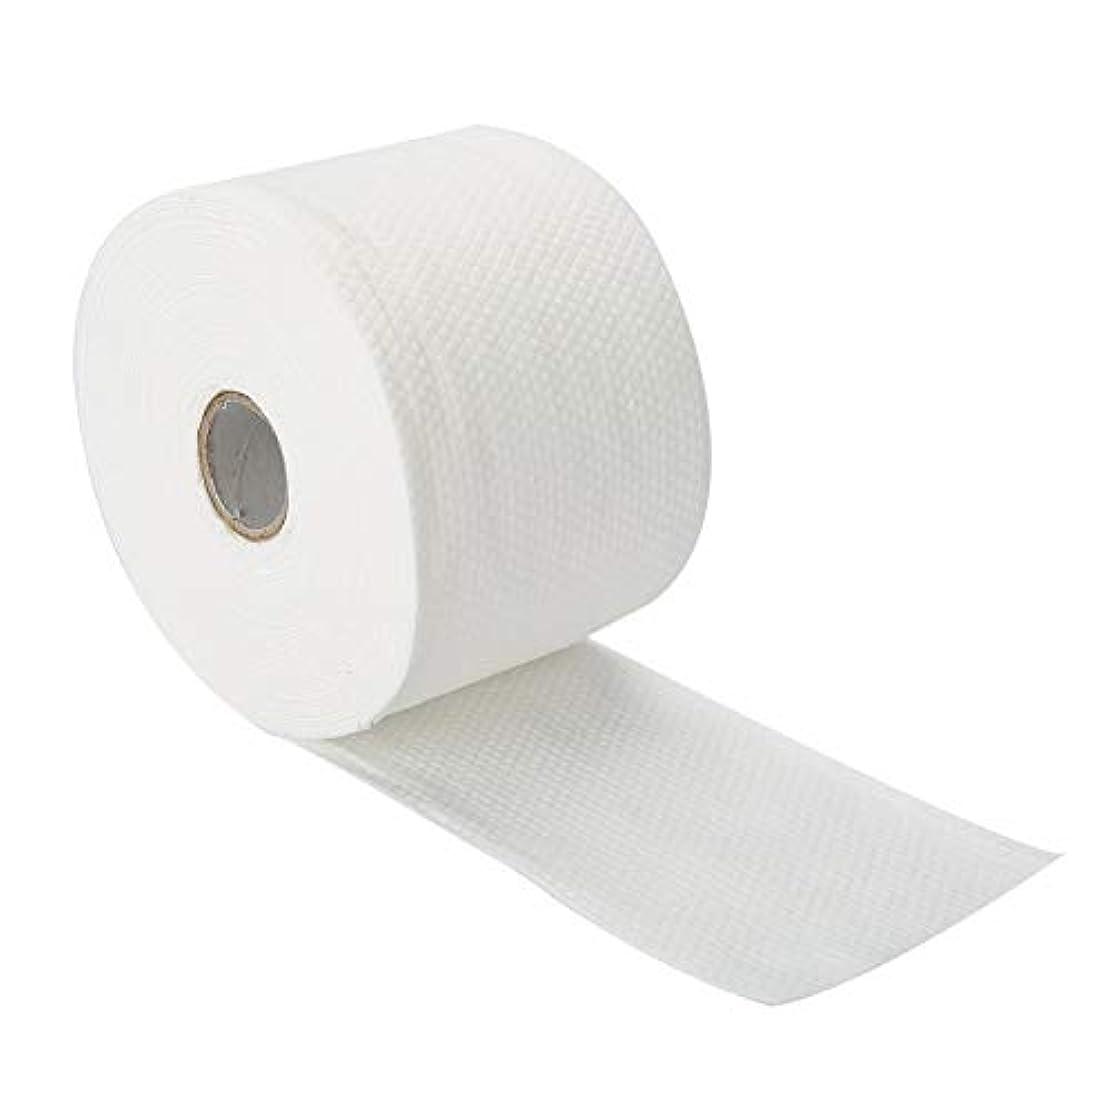 熱狂的な虐待くさび構造の使い捨て可能 表面 タオル 柔らかい Nonwoven クリーニングの化粧品の綿パッド25m